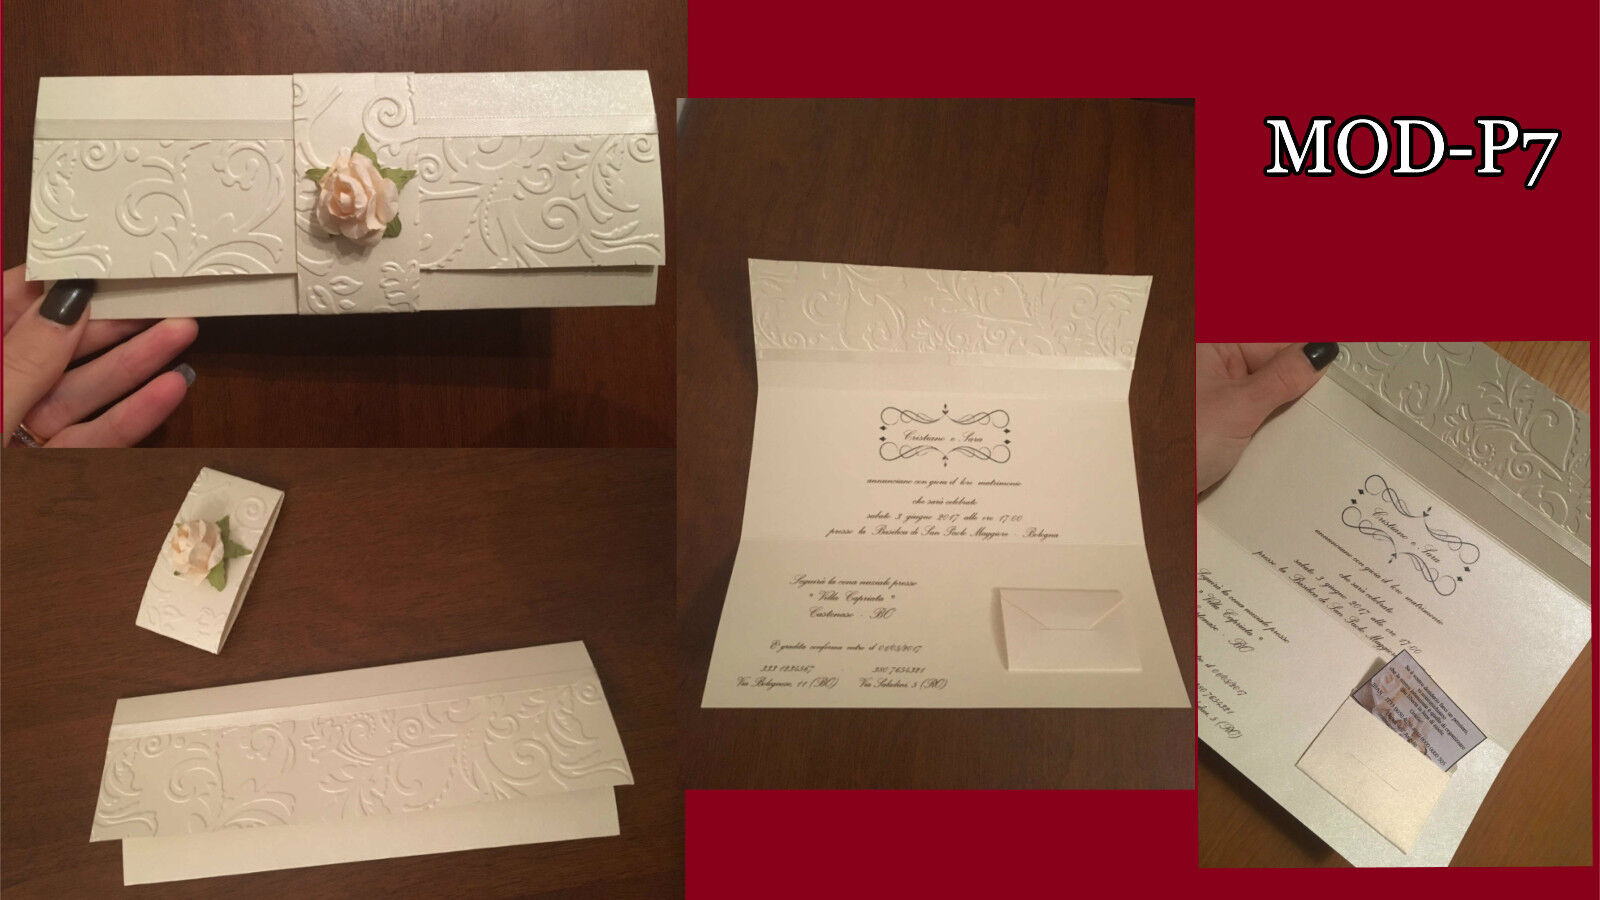 Partecipazioni Matrimonio inviti Nozze, fatte a mano, MOD-P7 eleganti fiore raso